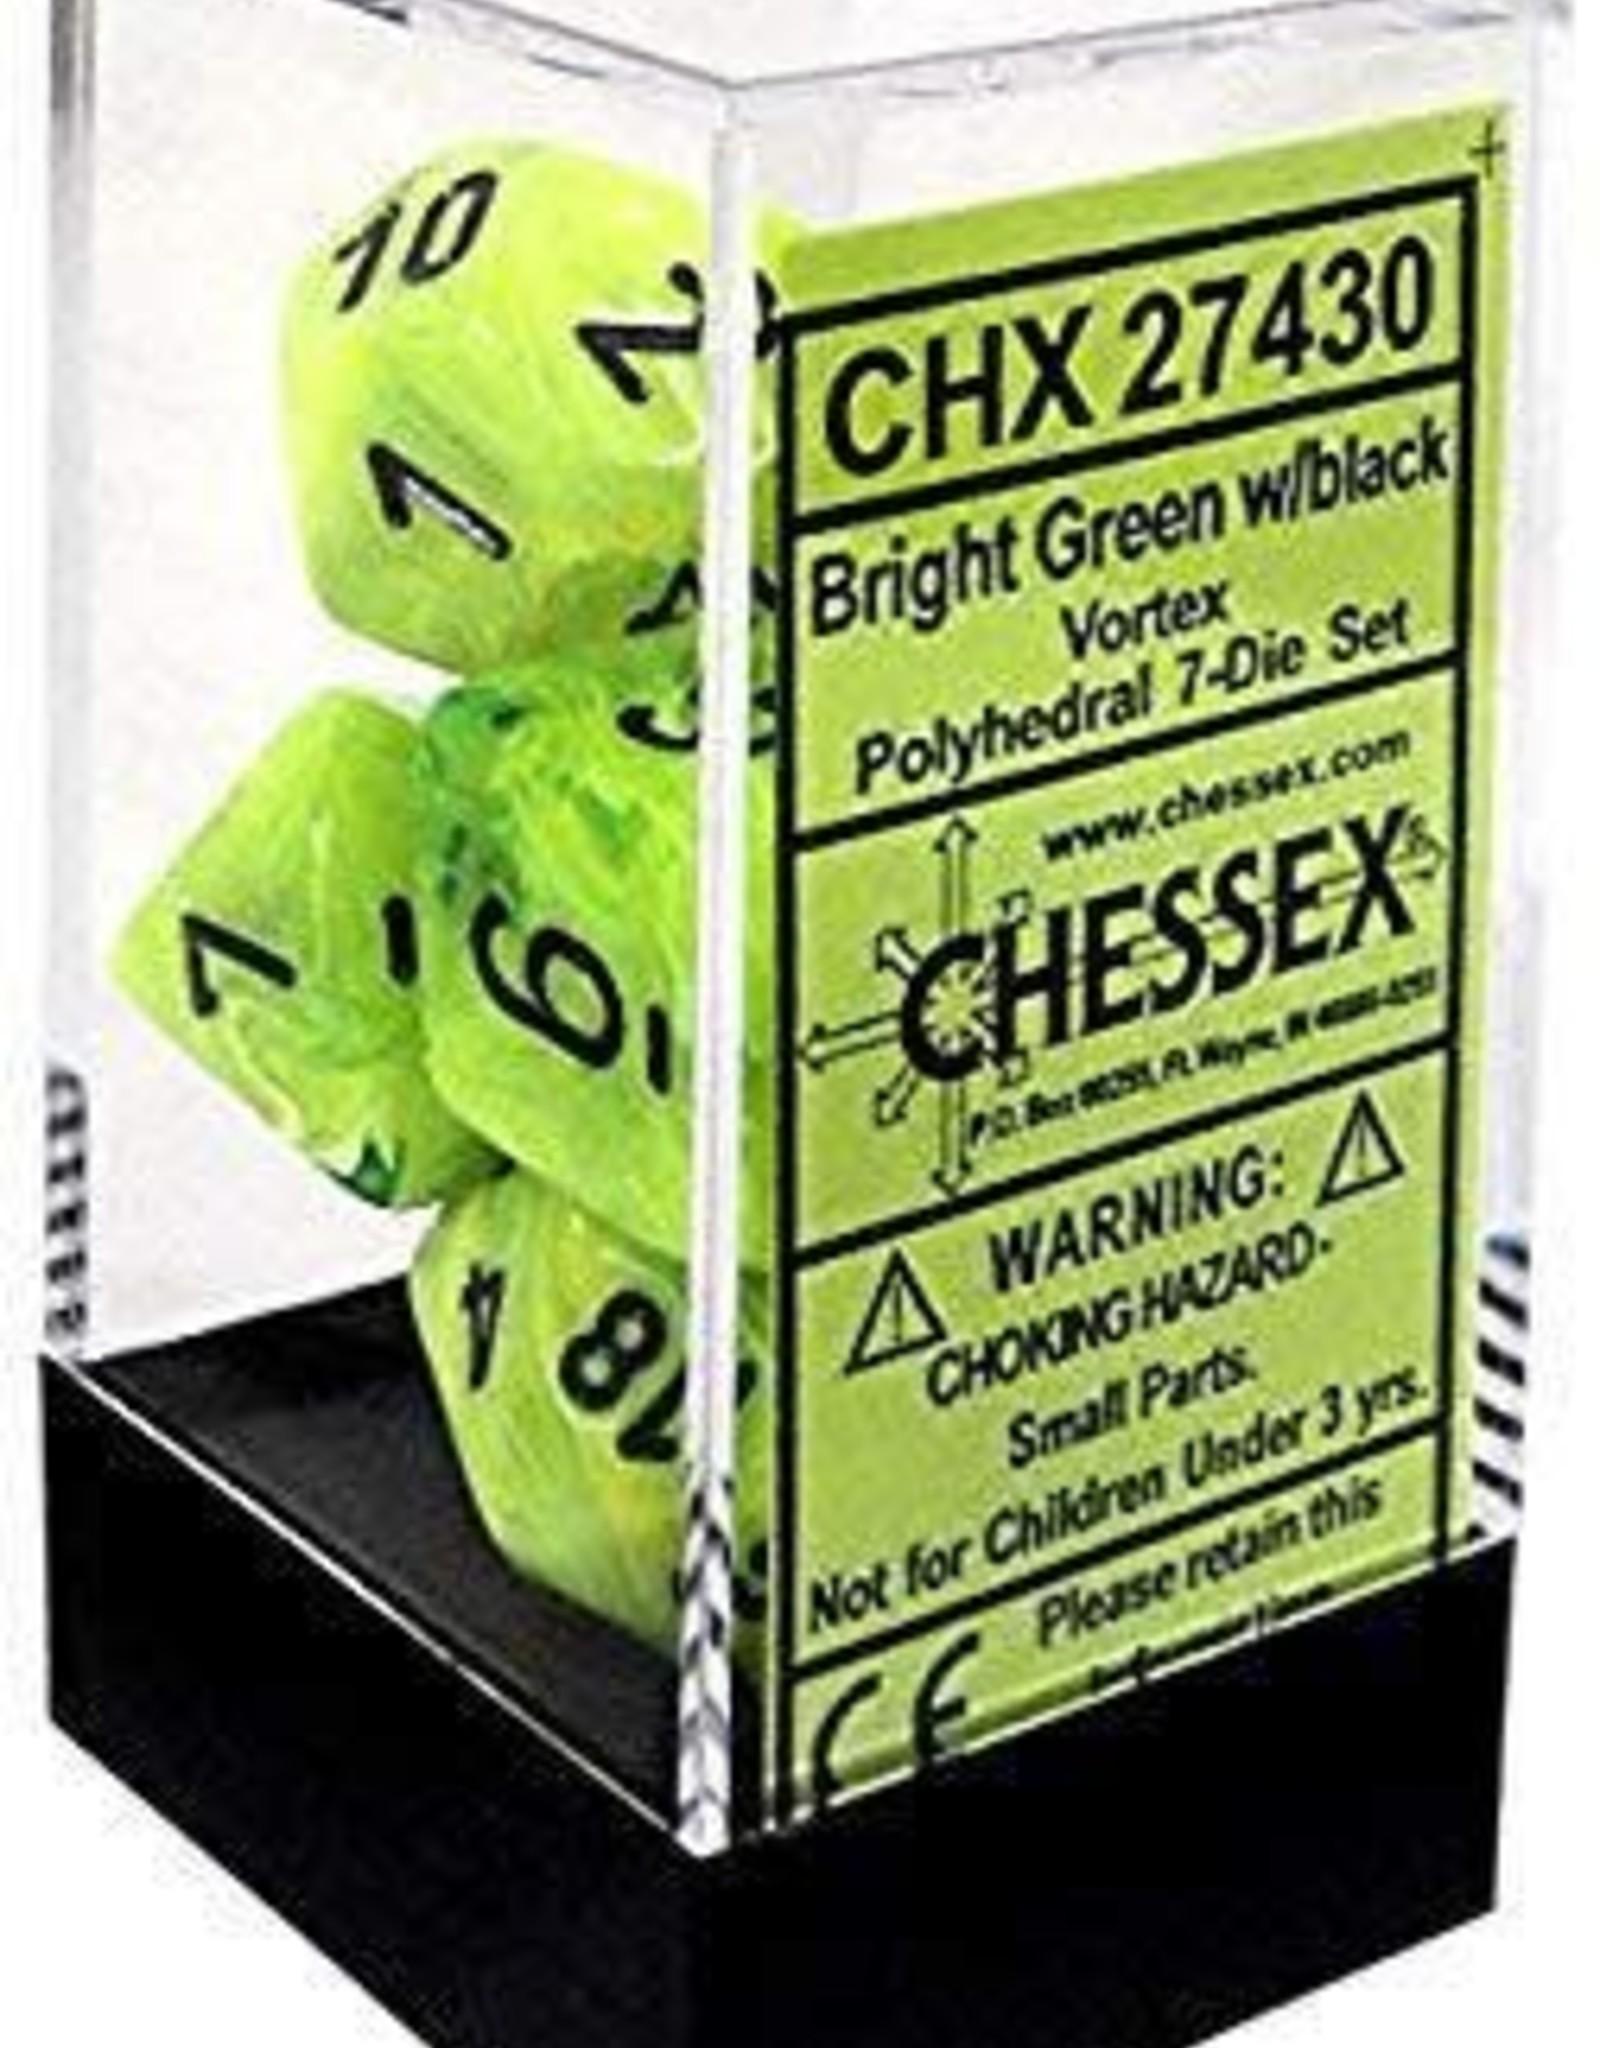 Chessex Vortex - Bright Green/Black Polyhedral Set